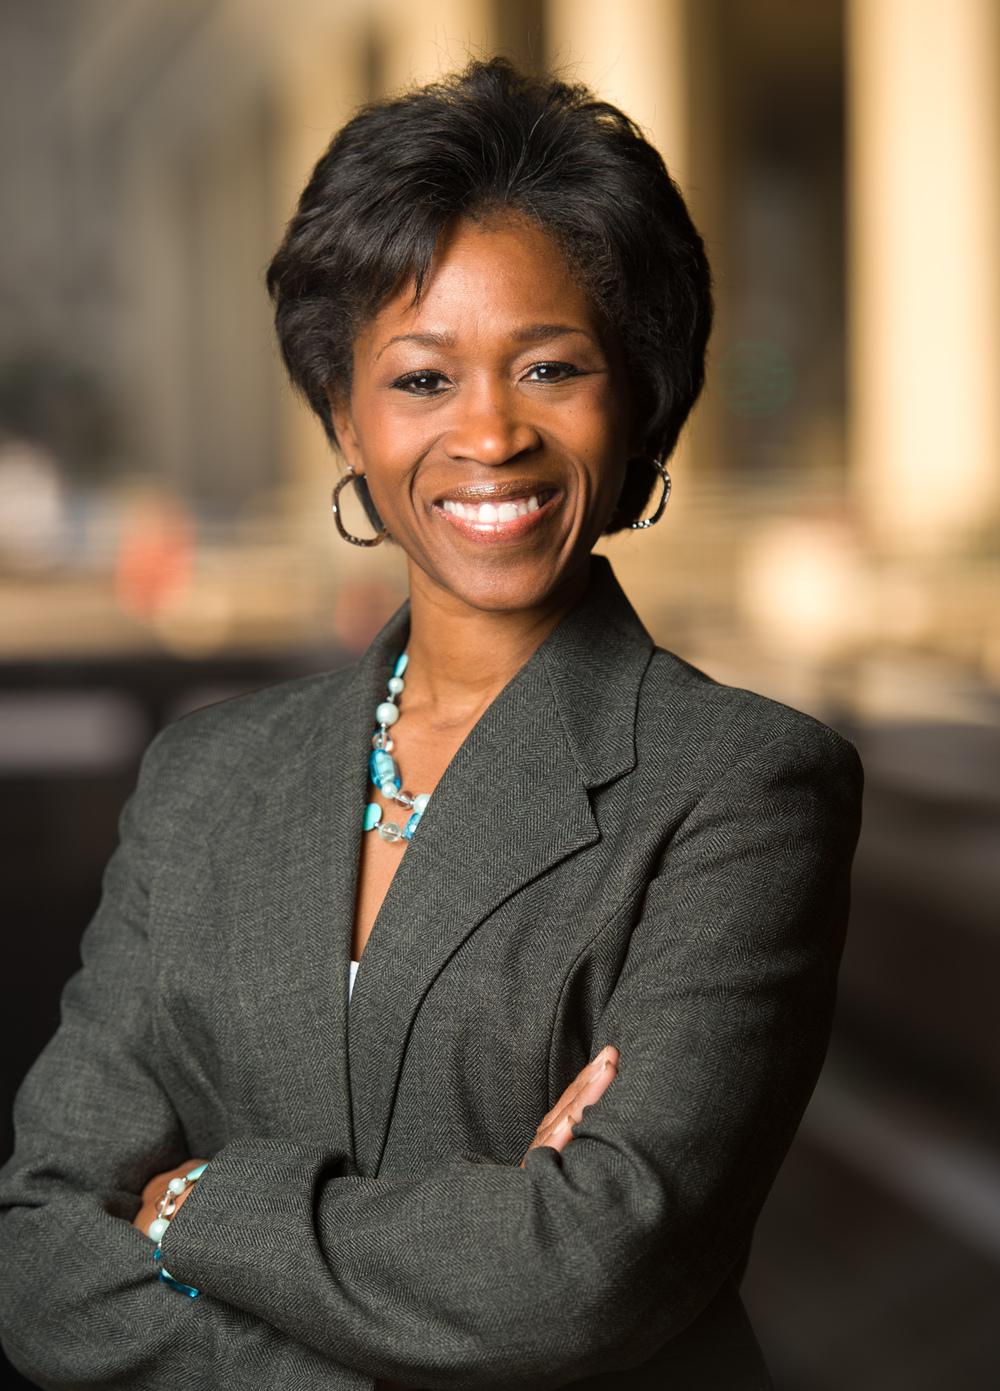 Woman / Female Executive Portrait Washington DC Portrait Photographer